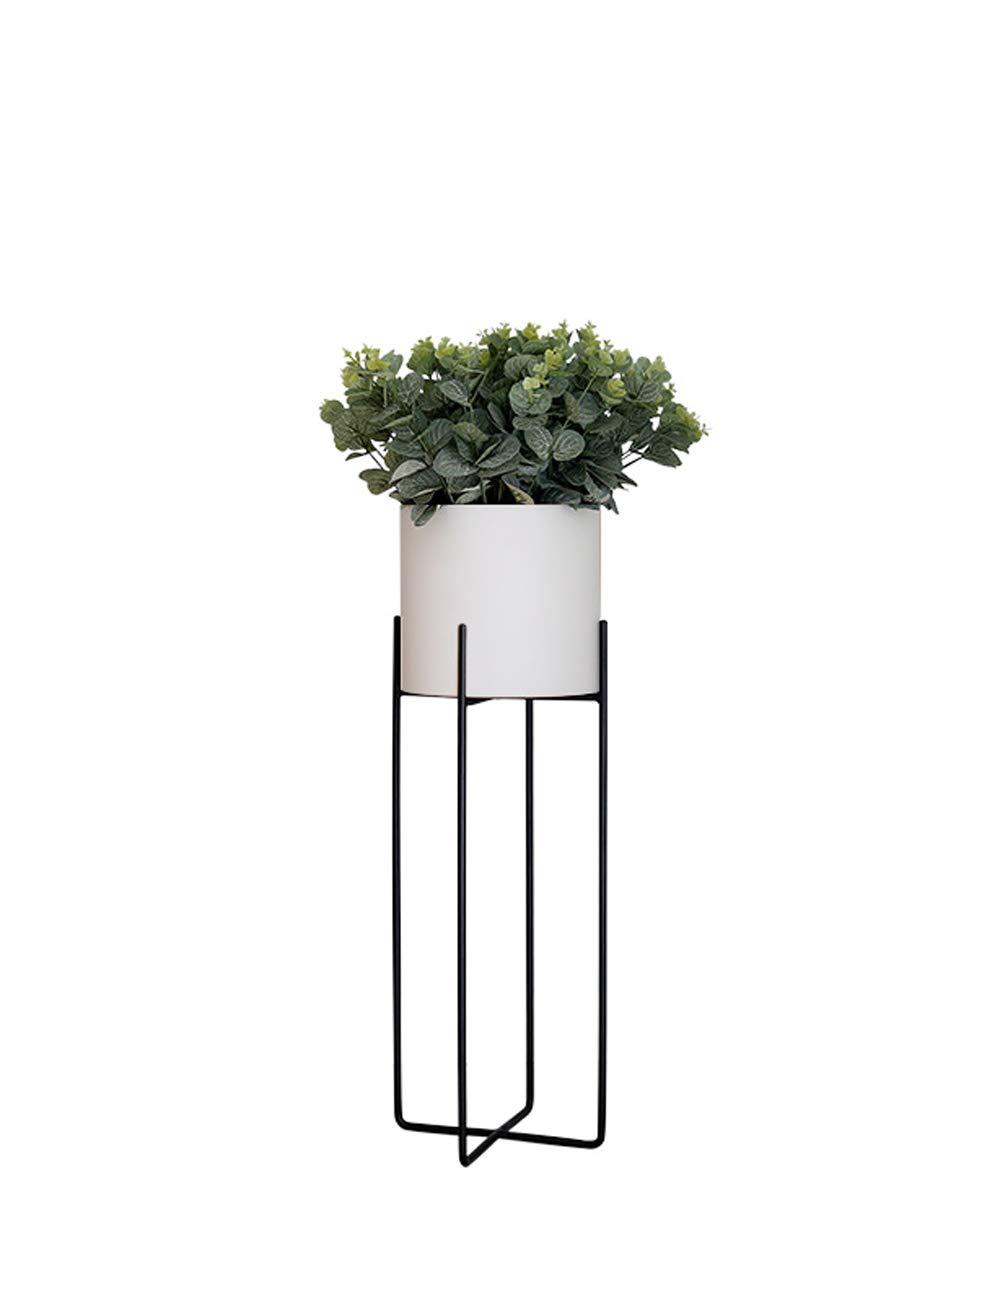 Punch-free, Nordic Balkon Grünpflanze Regal Vertikal Schmiedeeisen Modern Minimalist Kreatives Wohnzimmer Innen Dekorative Blumenständer (Farbe : Weiß, größe : Trumpet)